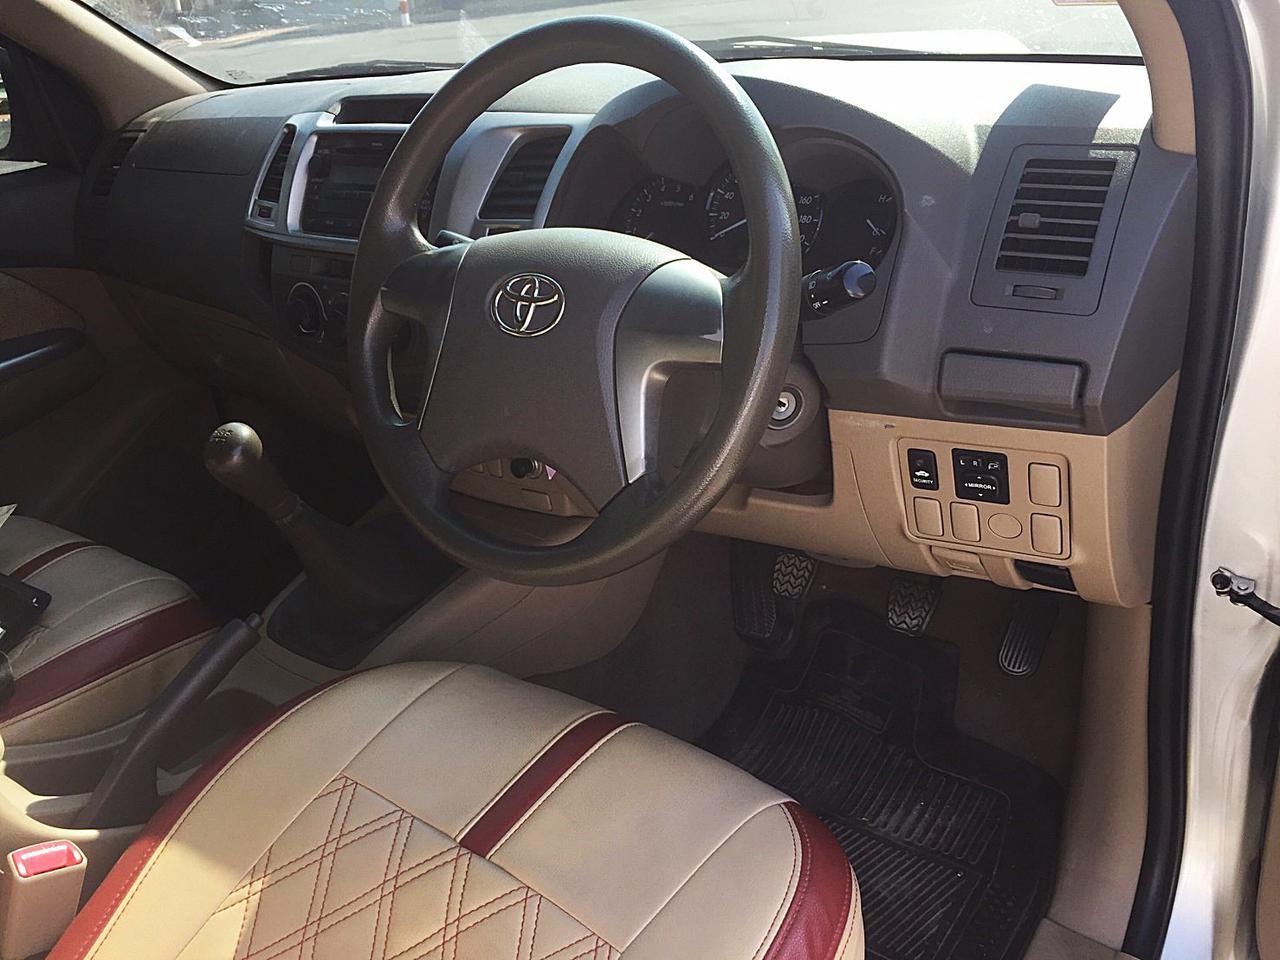 ✅ ฟรีดาวน์ TOYOTA VIGO PRERUNER ปี12-14 รถกระบะ 4 ประตู โตโยต้า วีโก้ รถบ้าน รถมือเดียว รุ่นท็อป รถมือเดียว รูปที่ 4